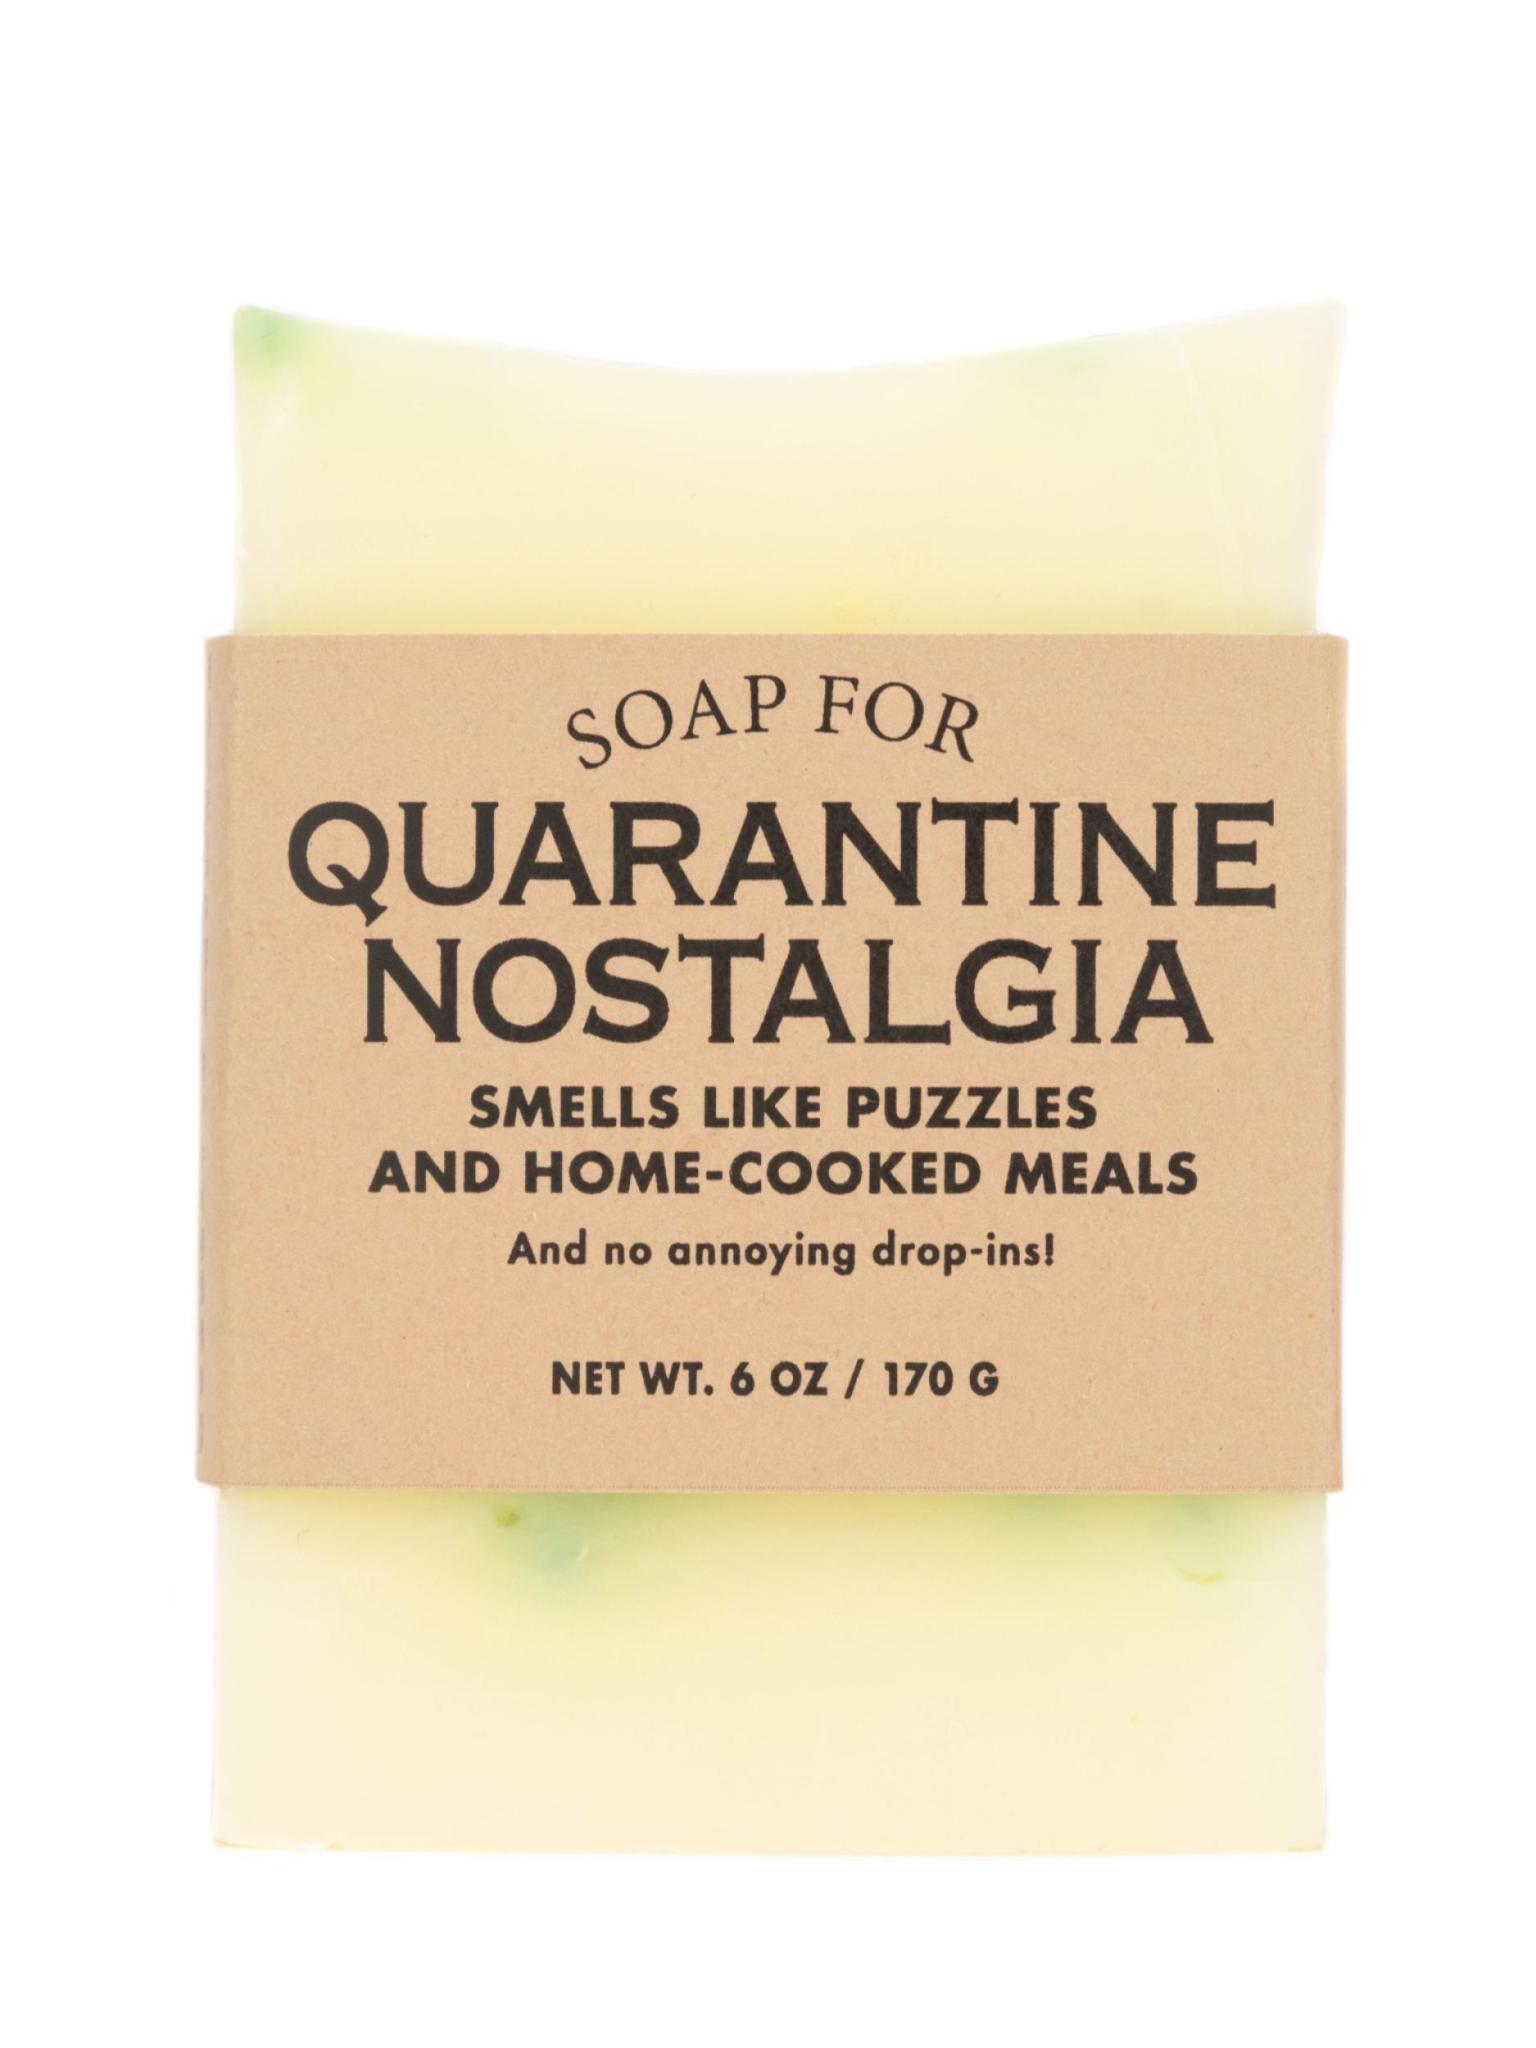 Whiskey River Soap Co. Quarantine Nostalgia Soap 6 oz